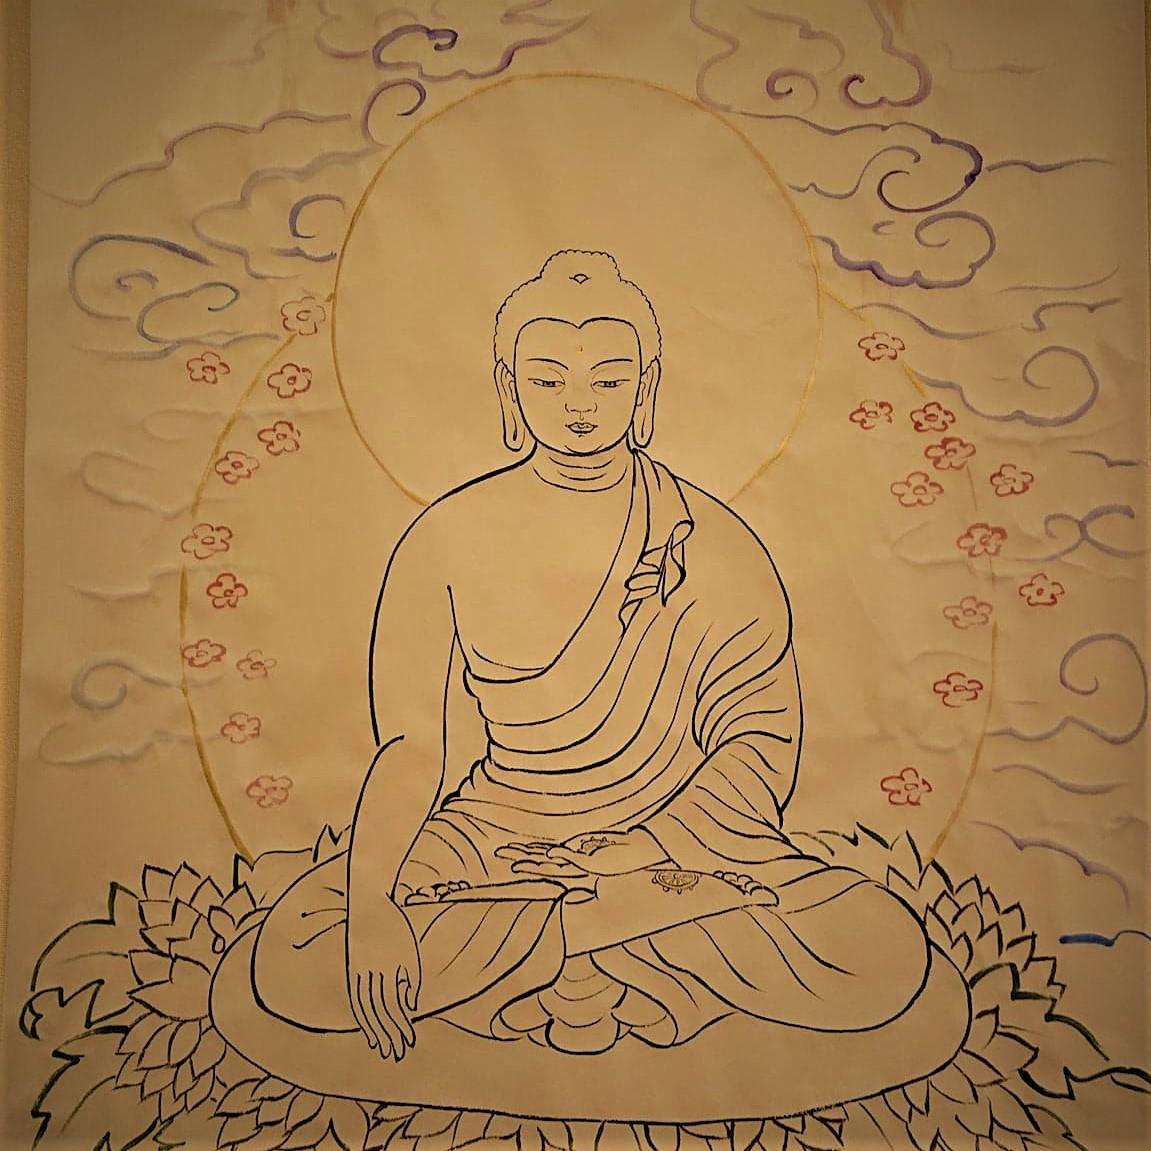 圓應寺 Buddhist memorialの七日毎の法要用画像